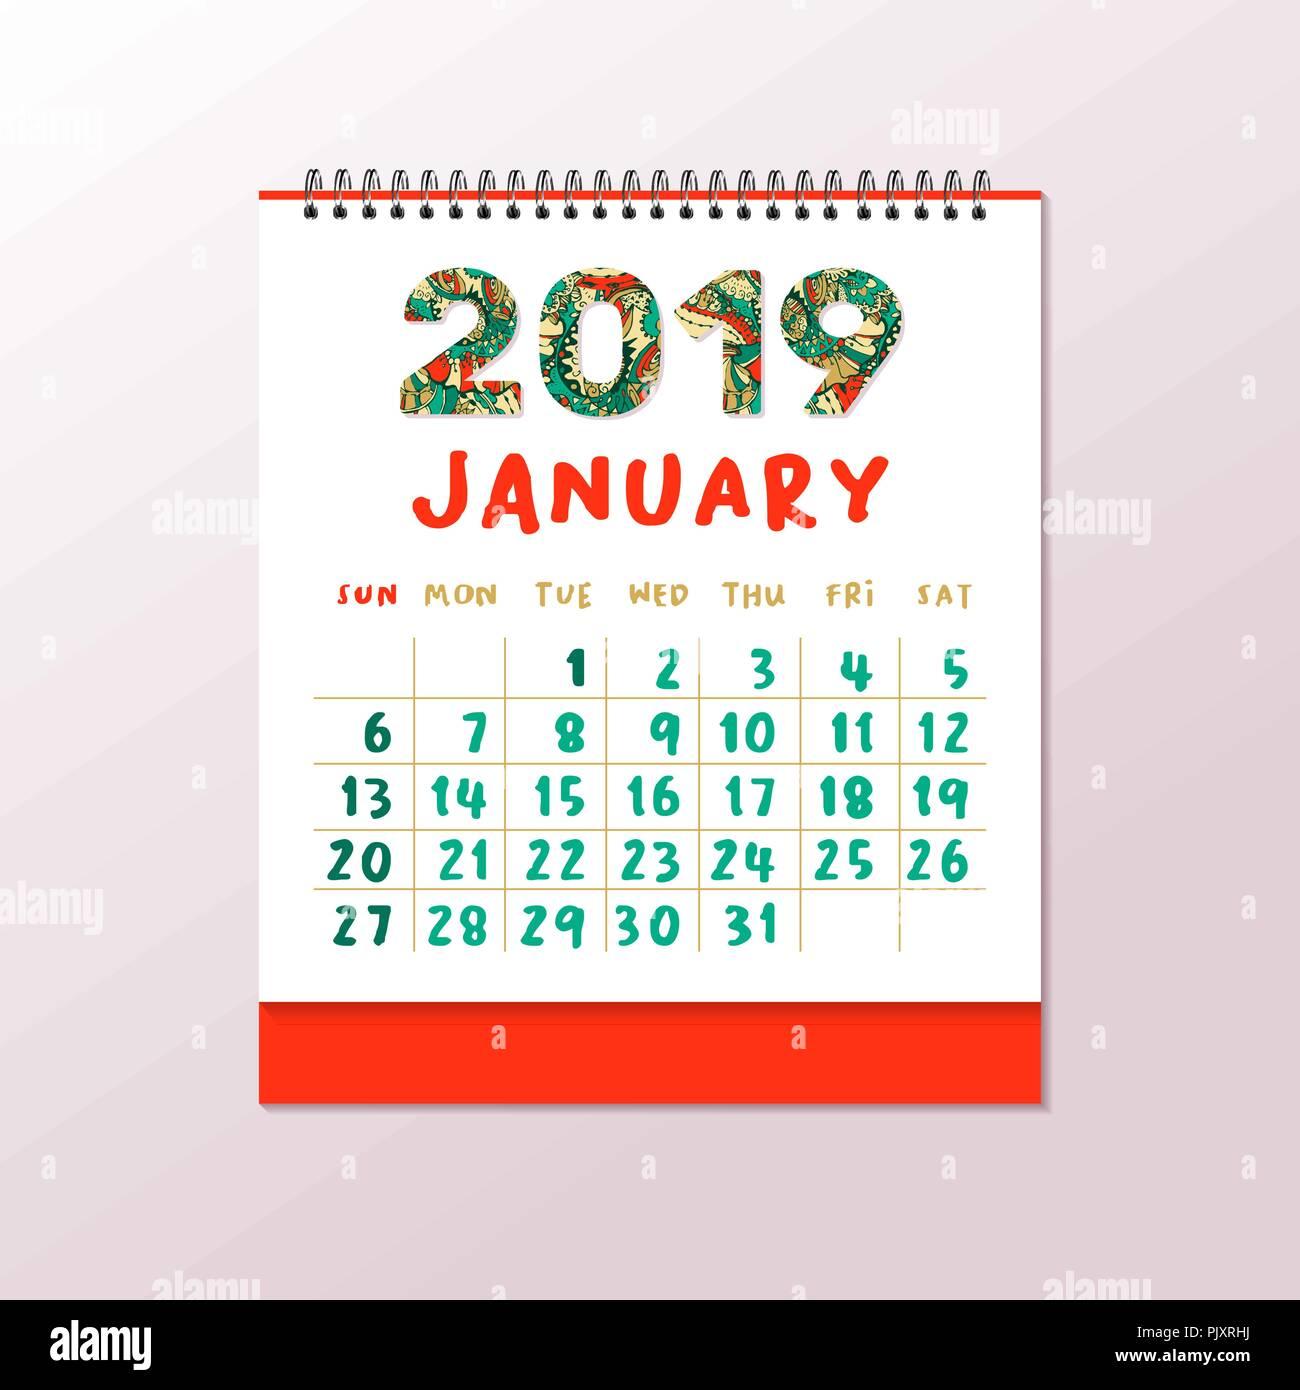 2019 calendario de mesa a4 horizontal vector plantilla imprimible blanco garabatos coloridos - Plantilla calendario de mesa ...